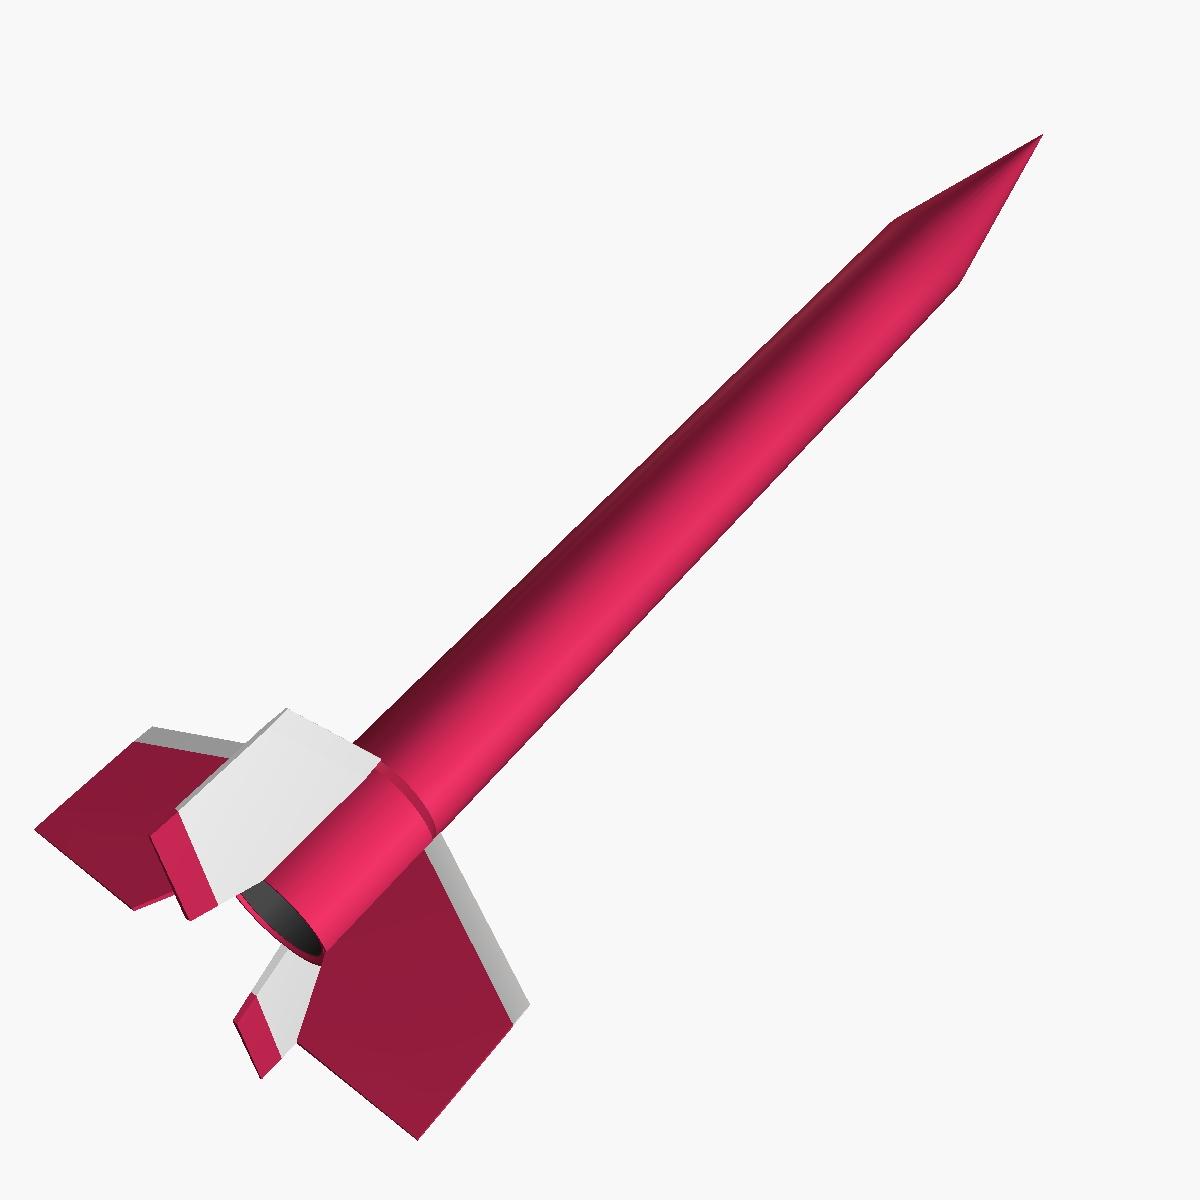 orion i rocket 3d model 3ds dxf fbx blend cob dae x  obj 208054